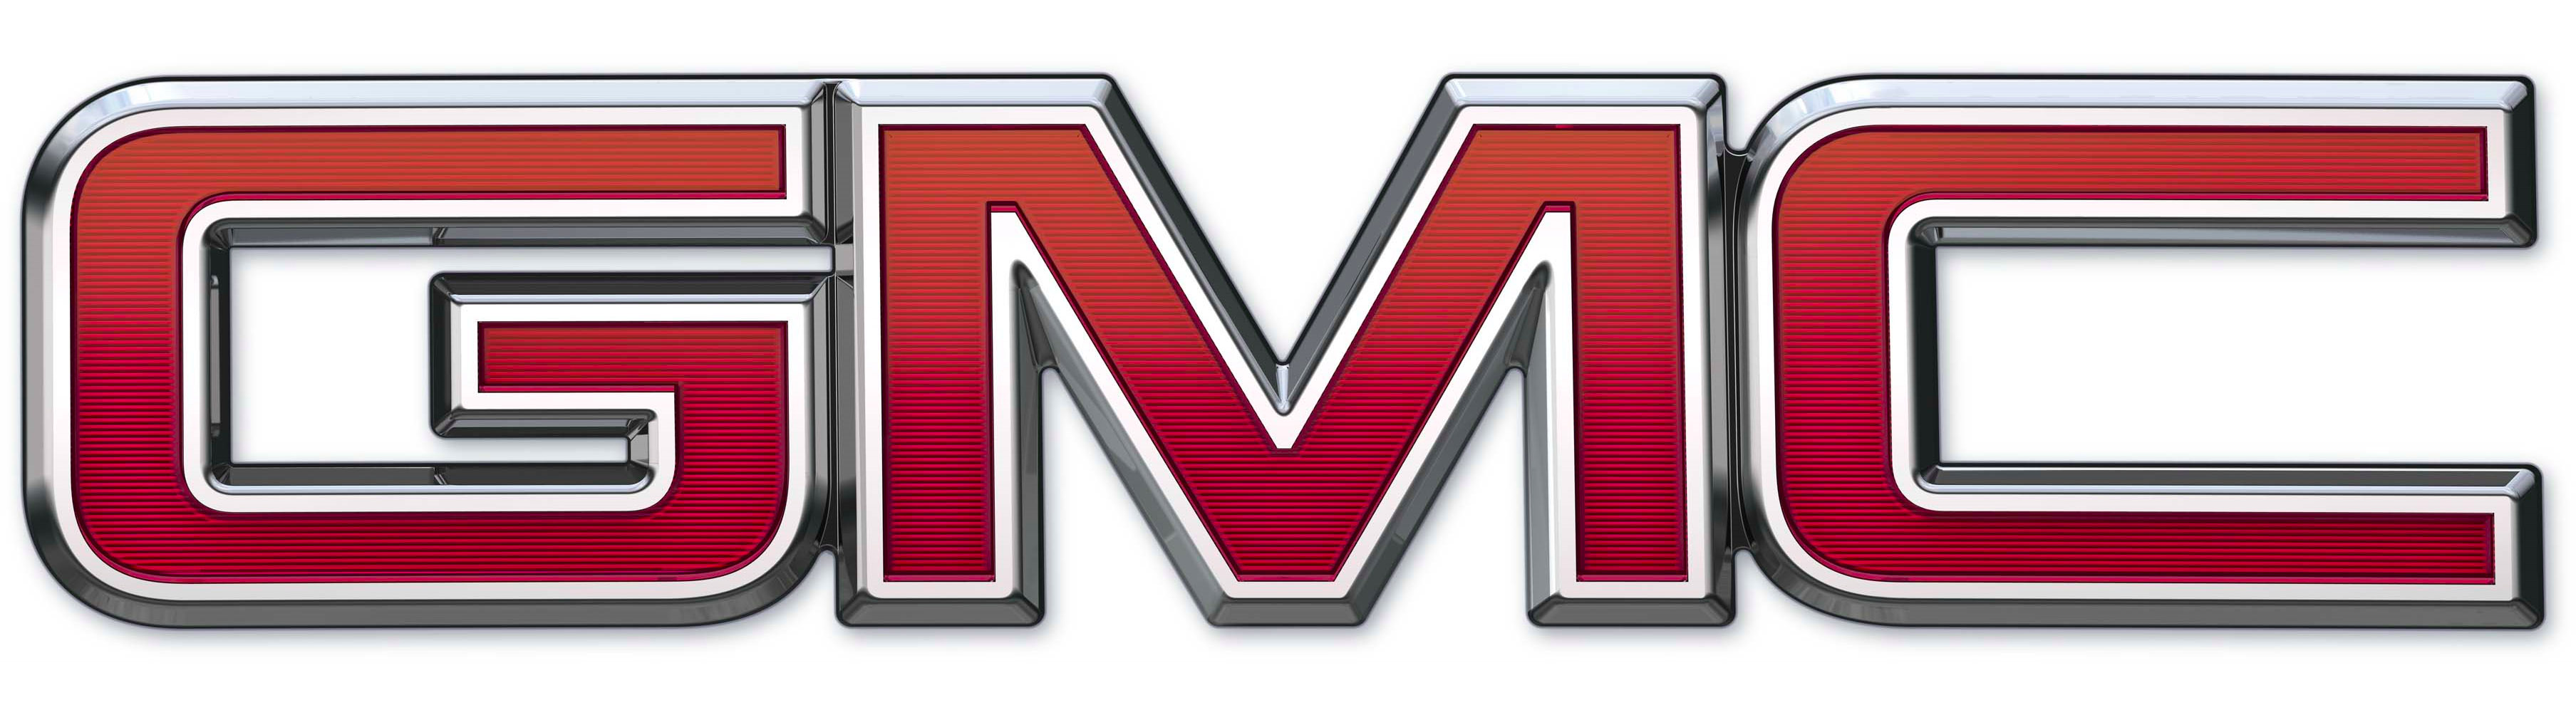 GMC-emblem-6